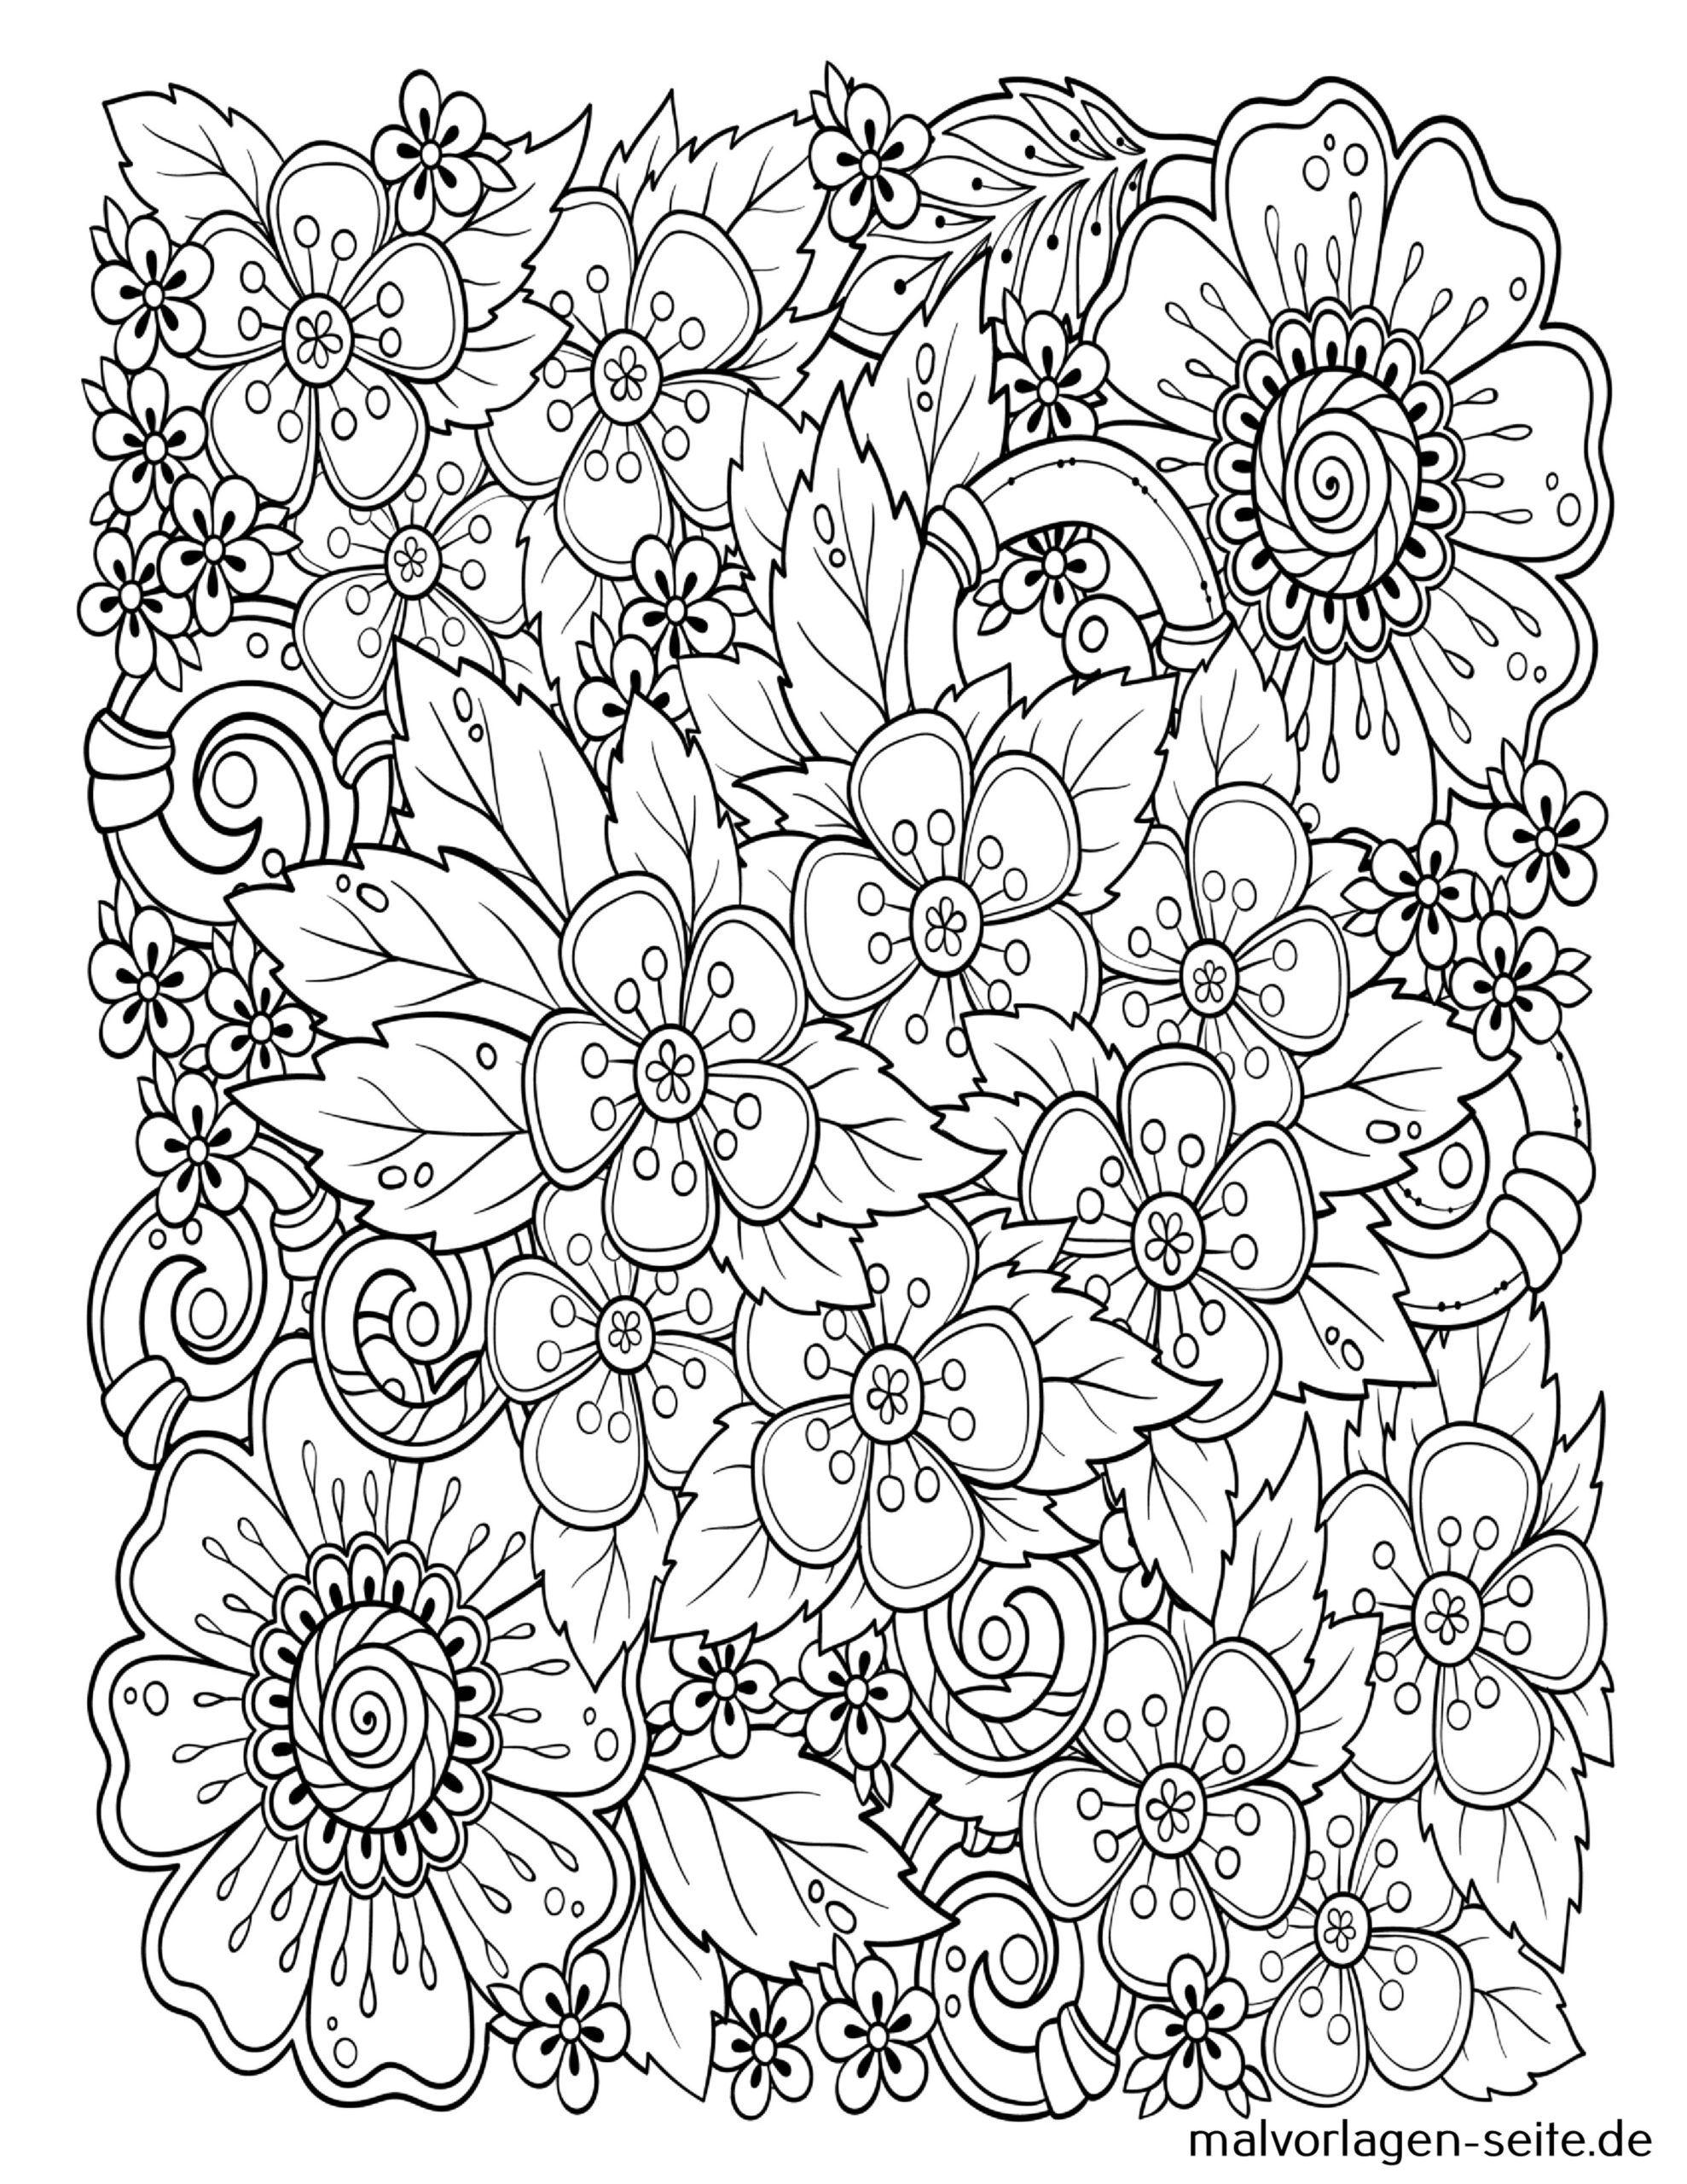 Tolle Mandala Für Erwachsene - Blüten - Kostenlose Ausmalbilder